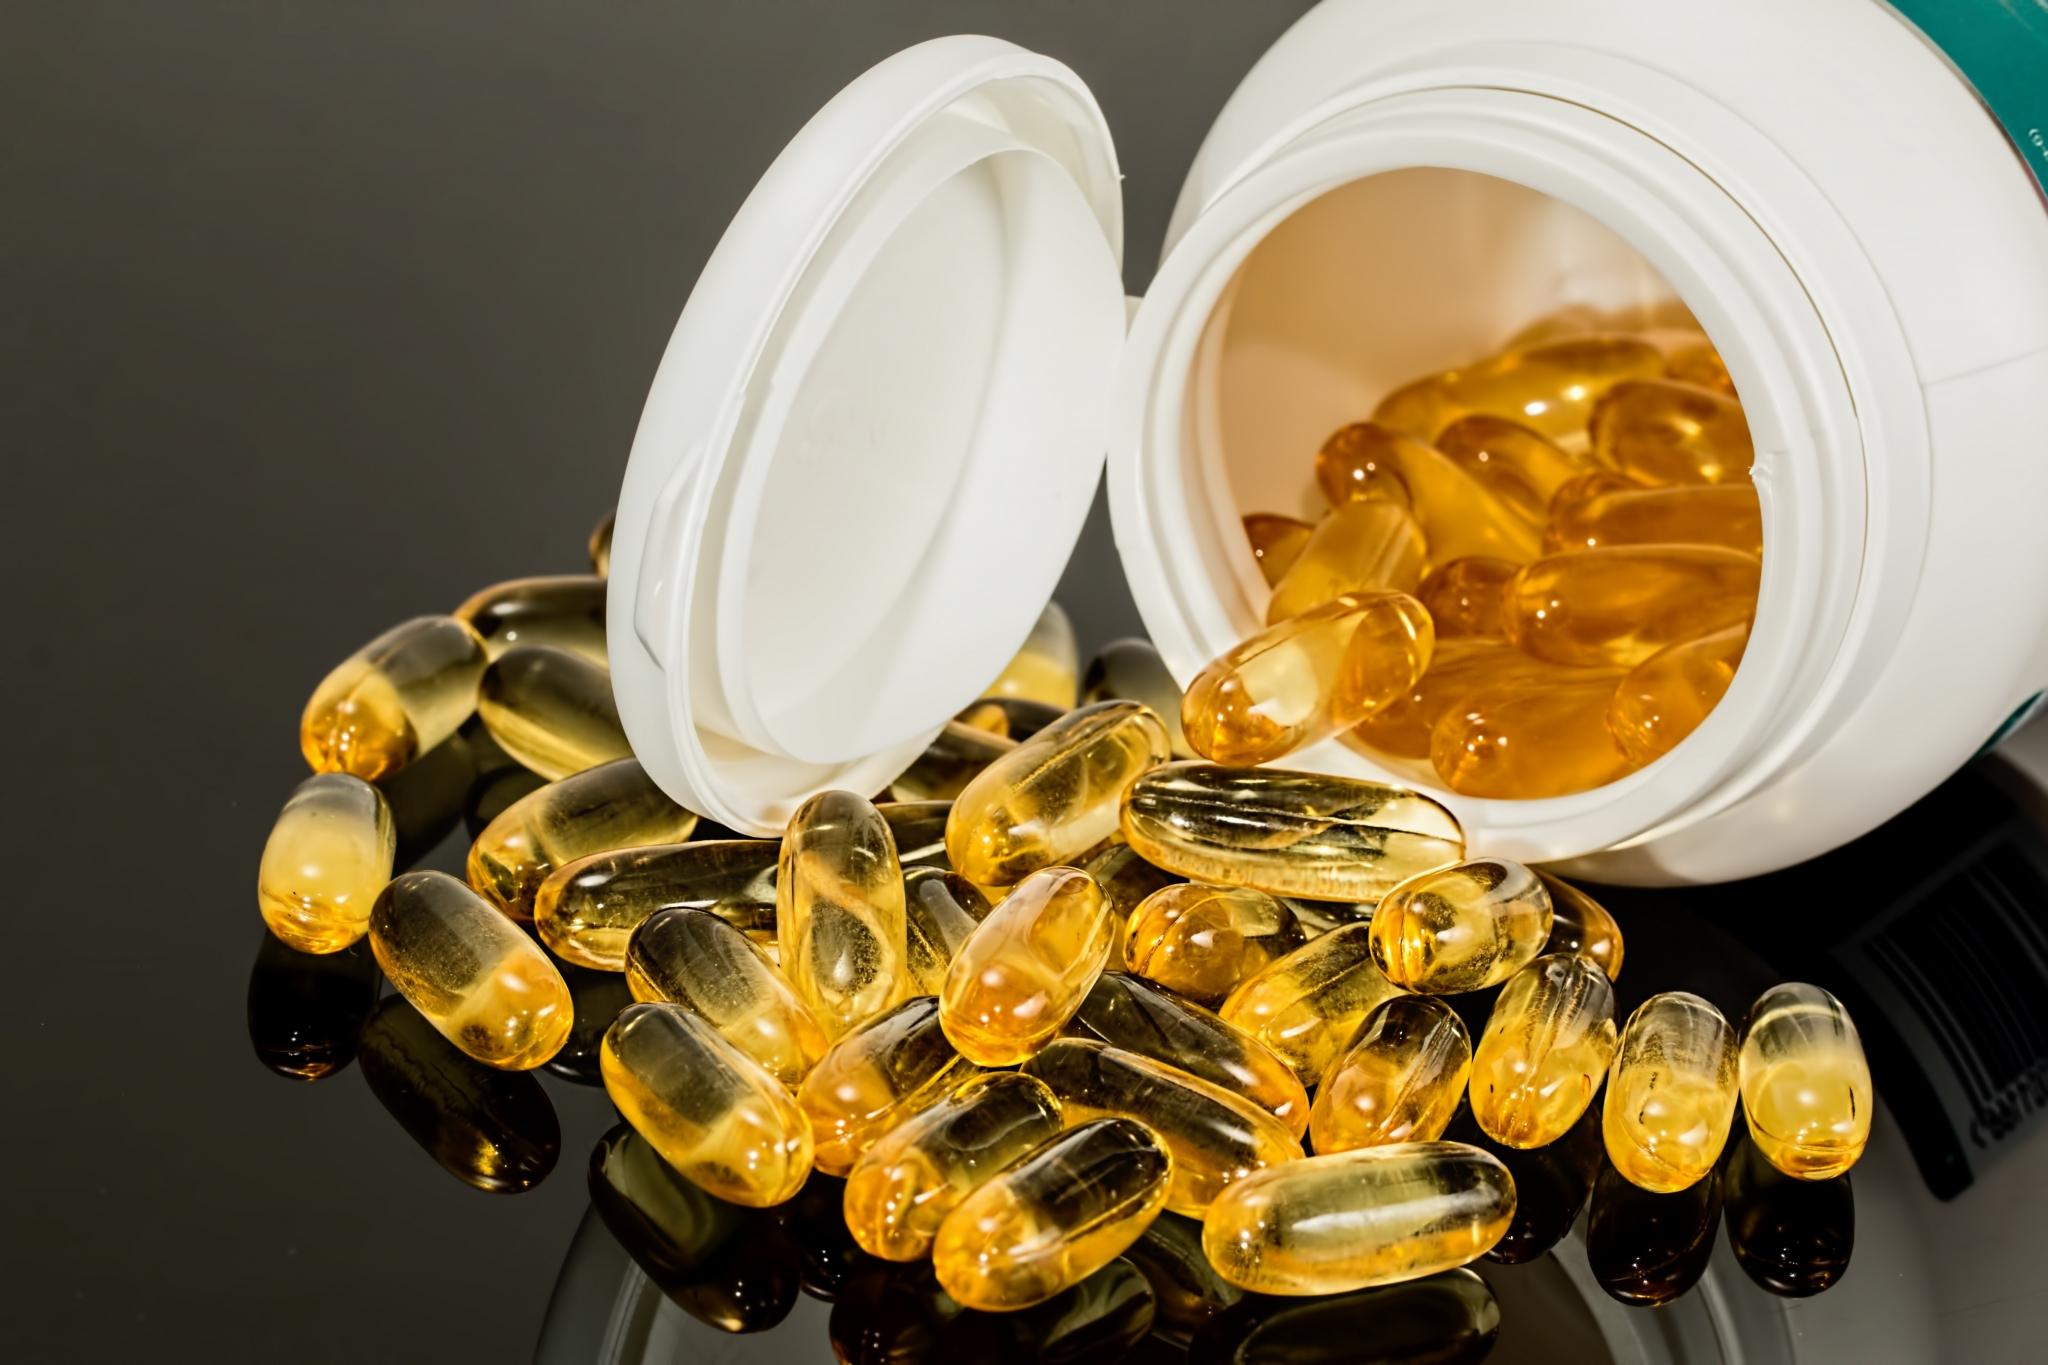 Picture of pills https://images.pexels.com/photos/1573823/pexels-photo-1573823.jpeg?auto=compress&cs=tinysrgb&dpr=1&w=500